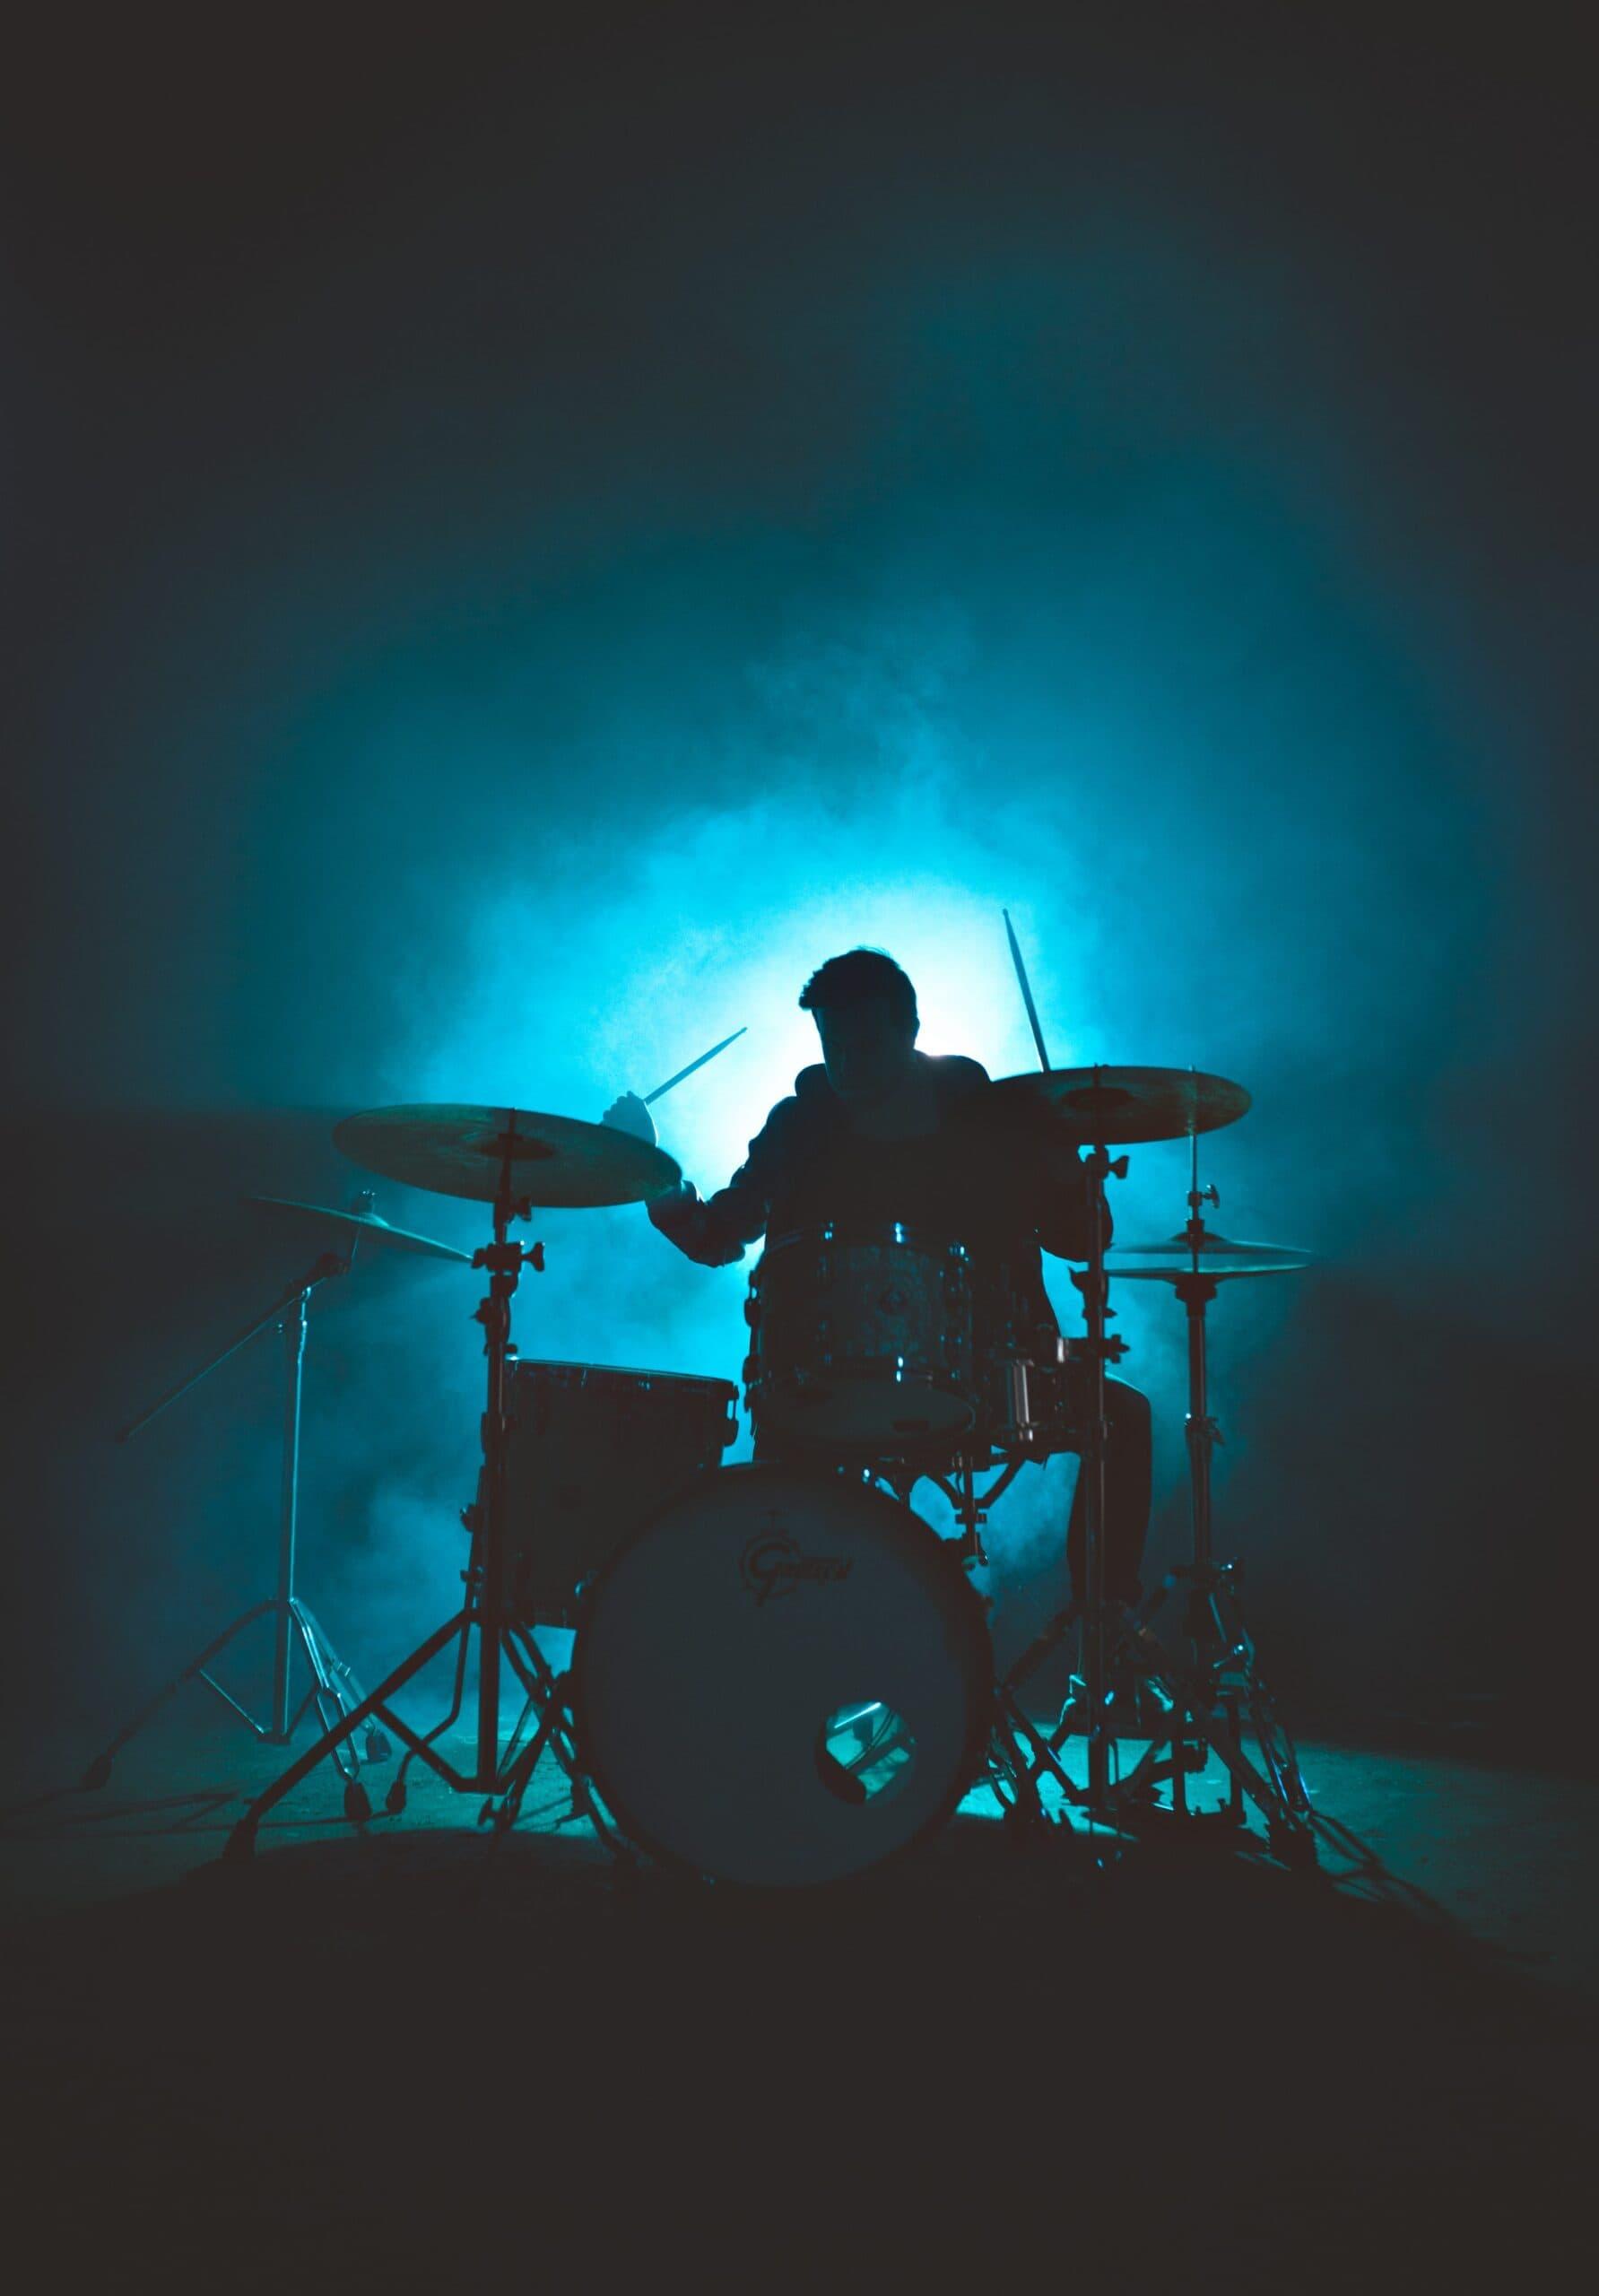 Silhouet van drummer met blauw licht